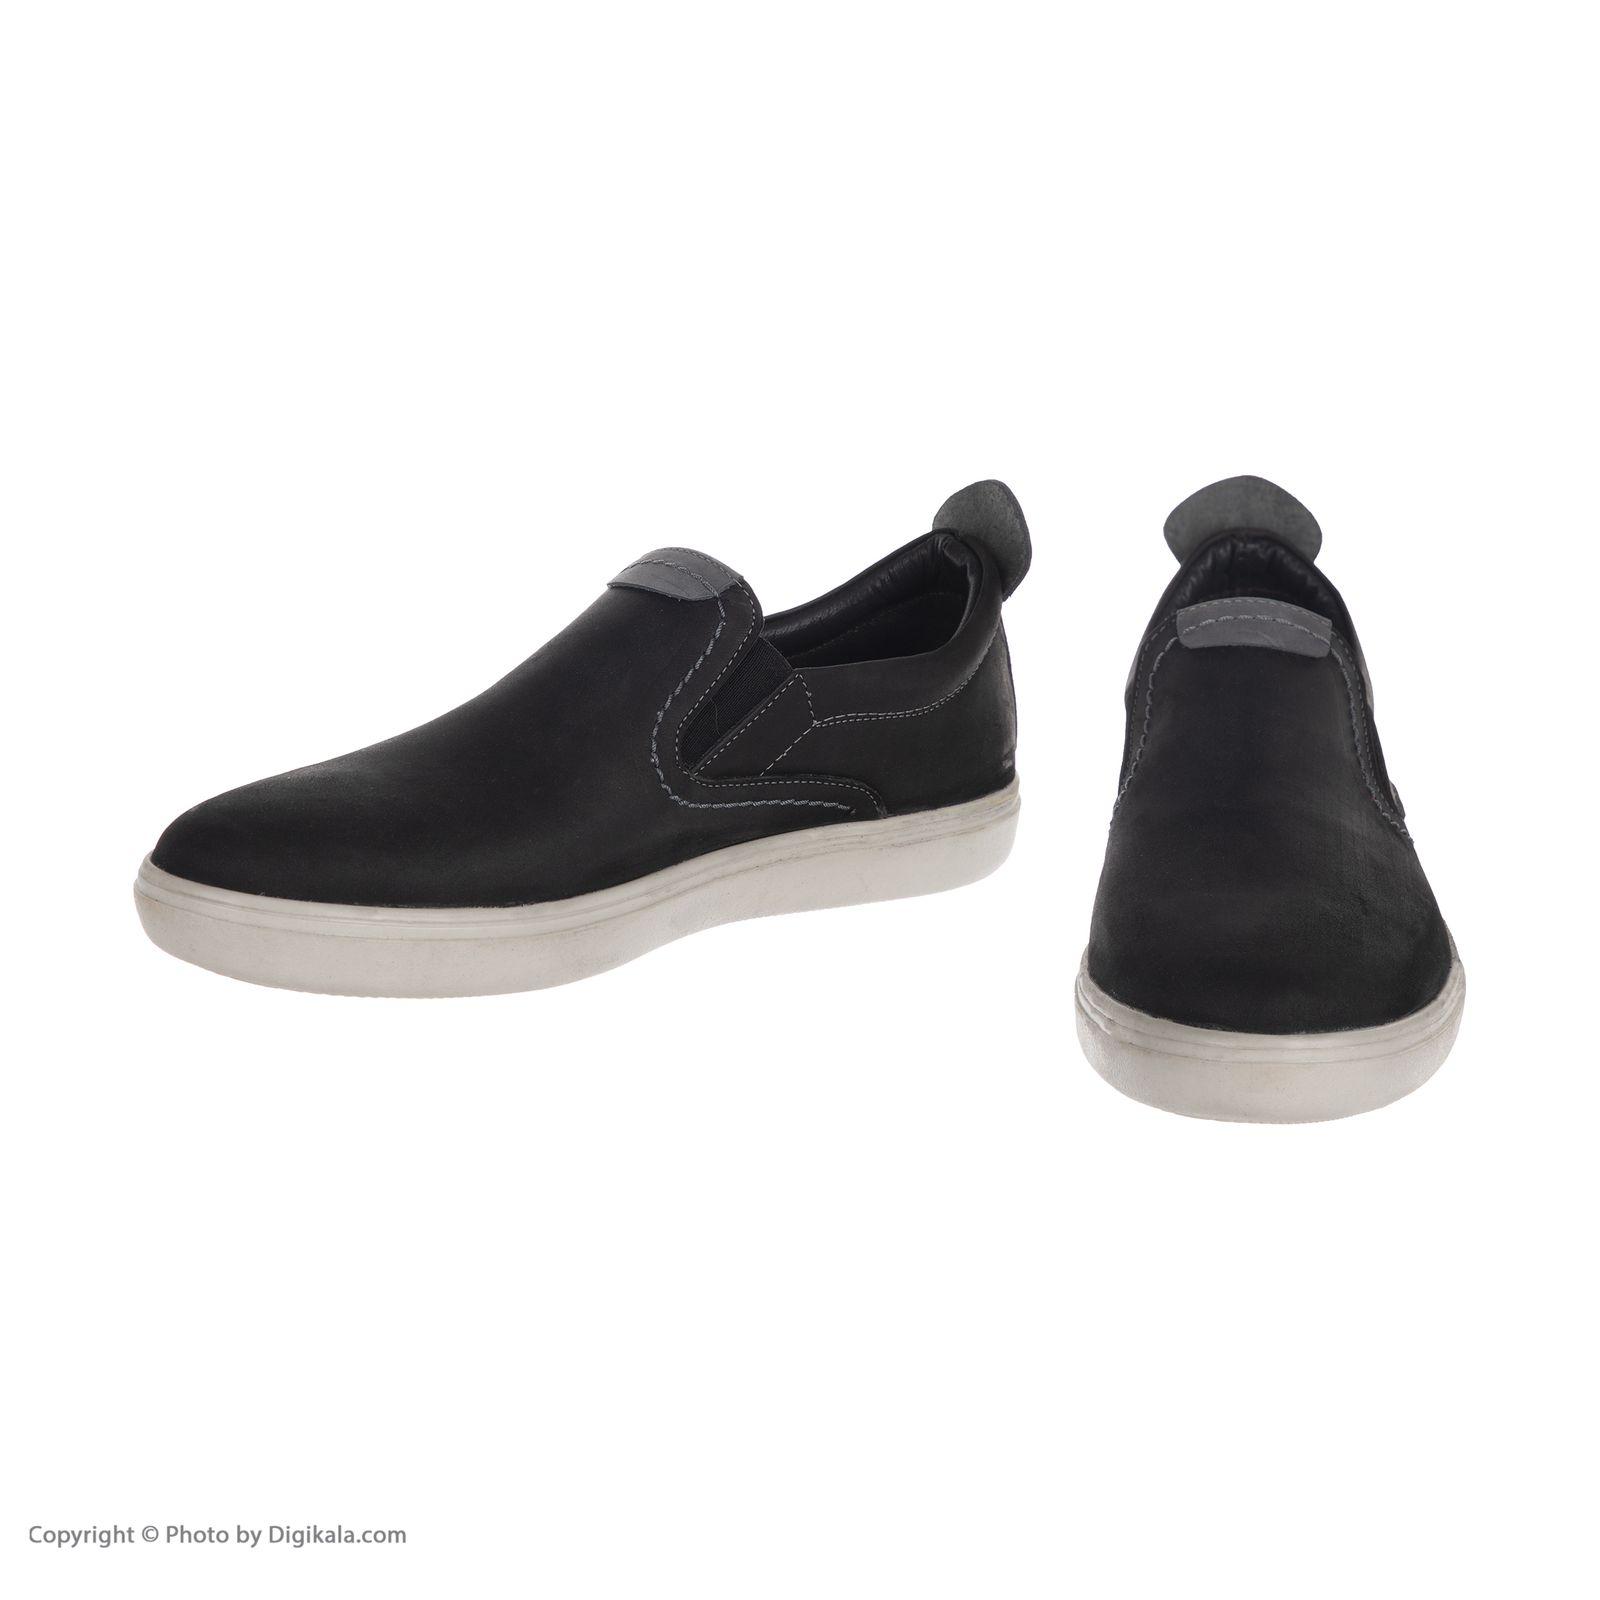 کفش روزمره مردانه دانادل مدل 8613A503129 -  - 5